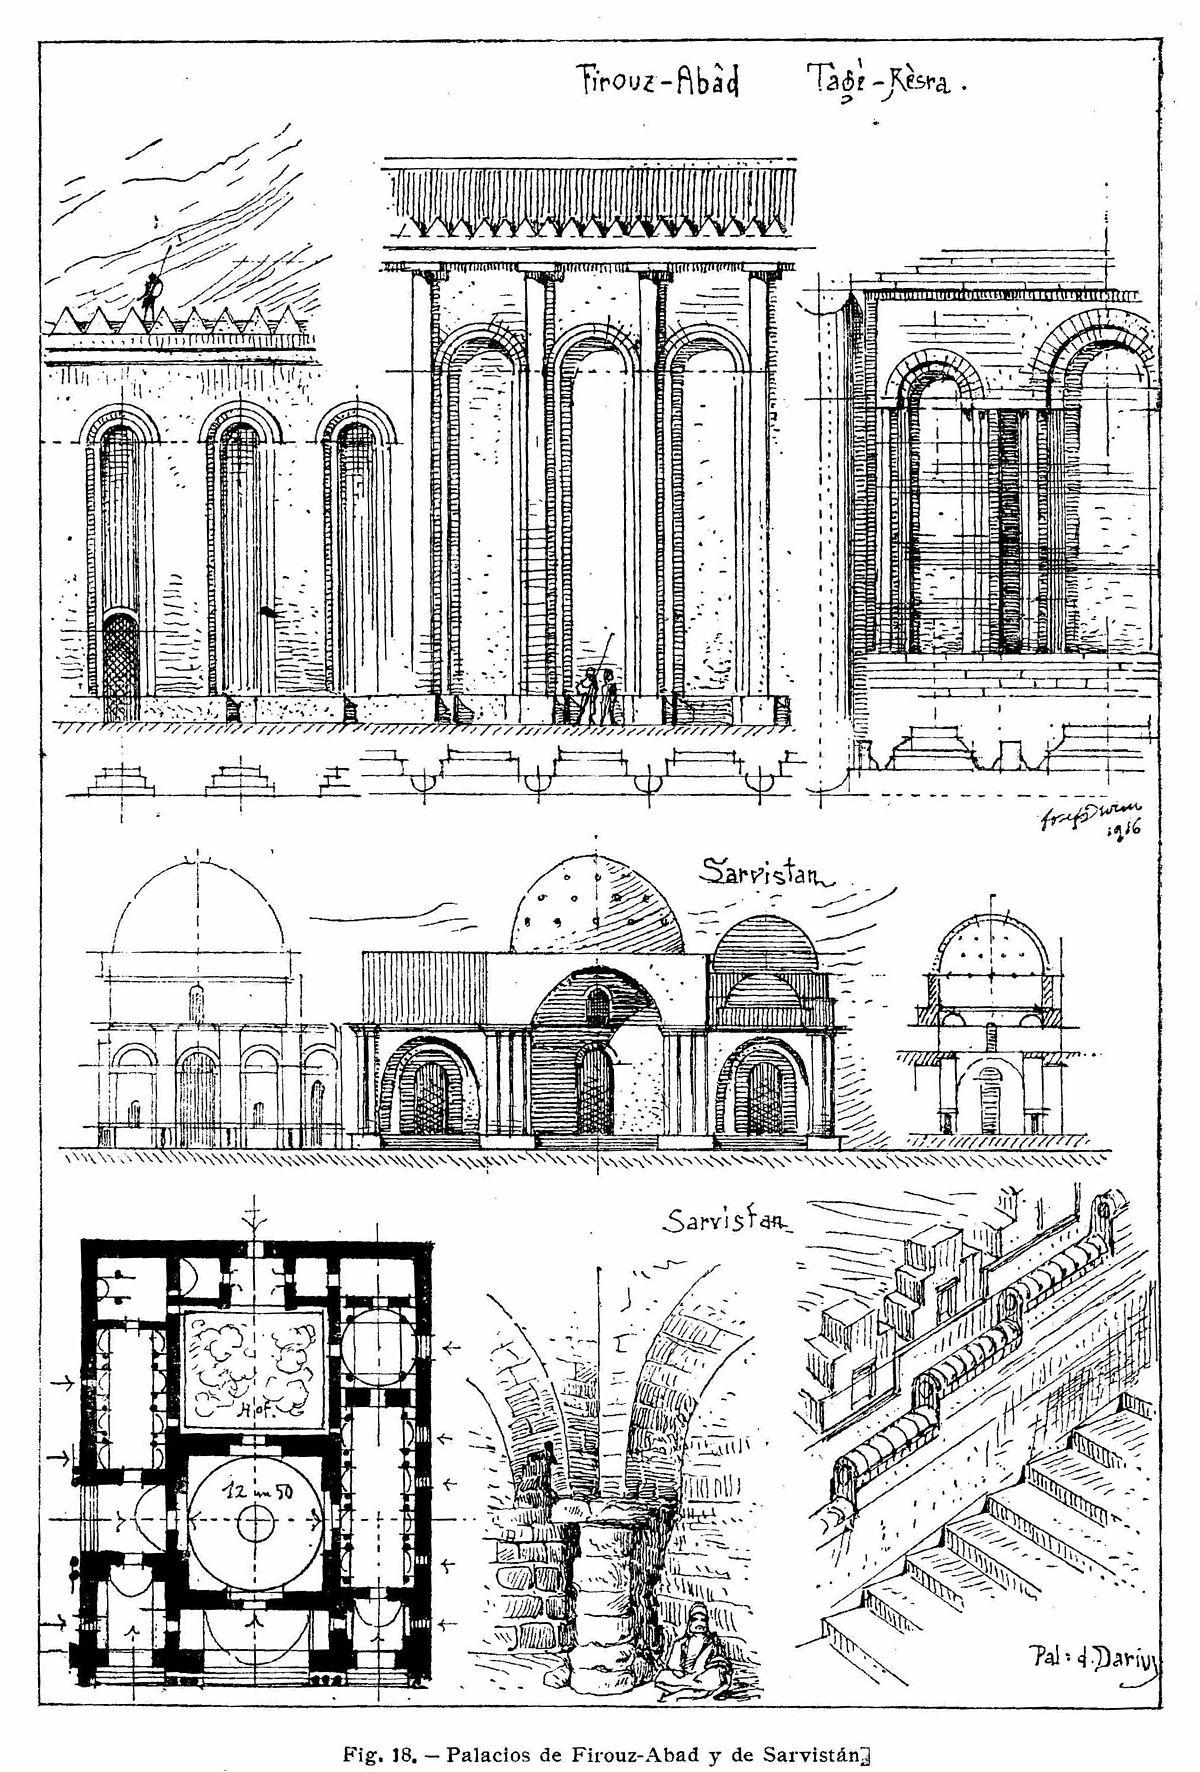 Dise o arquitect nico wikipedia la enciclopedia libre for El dibujo de los arquitectos pdf